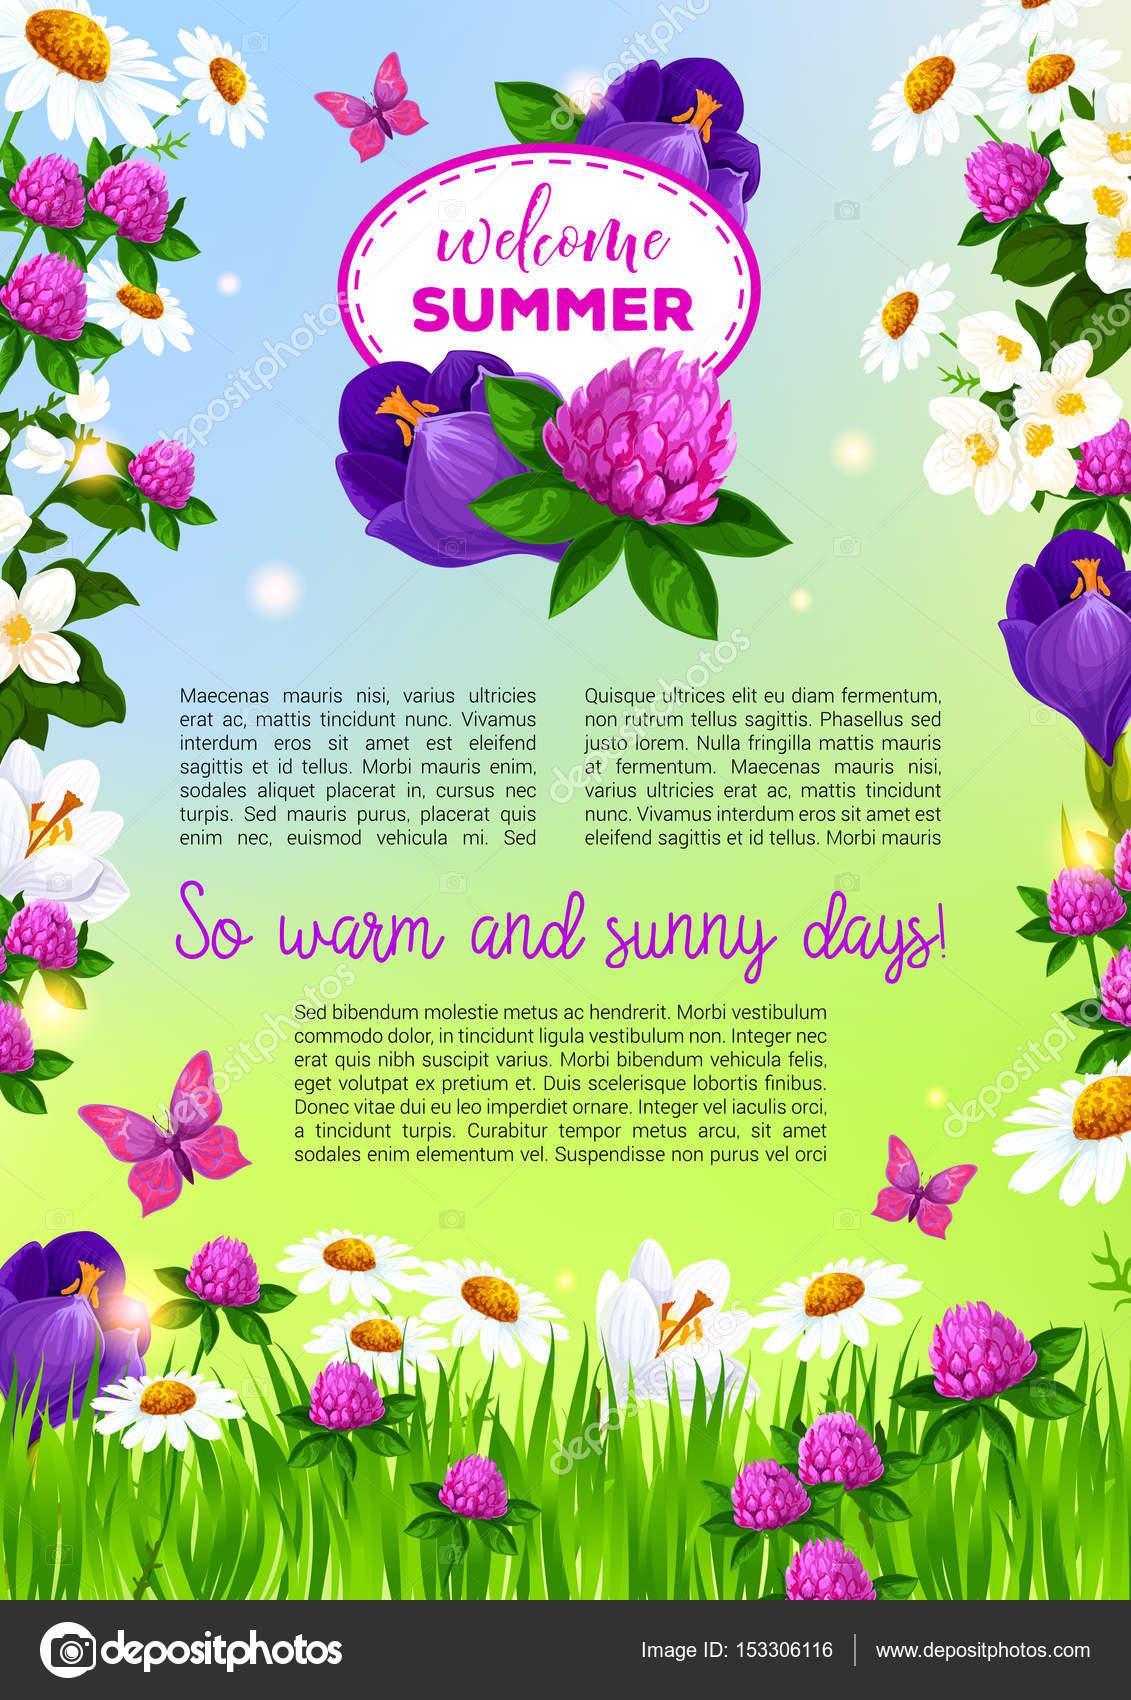 Flores vector poster para saludos de bienvenida verano — Vector de ...